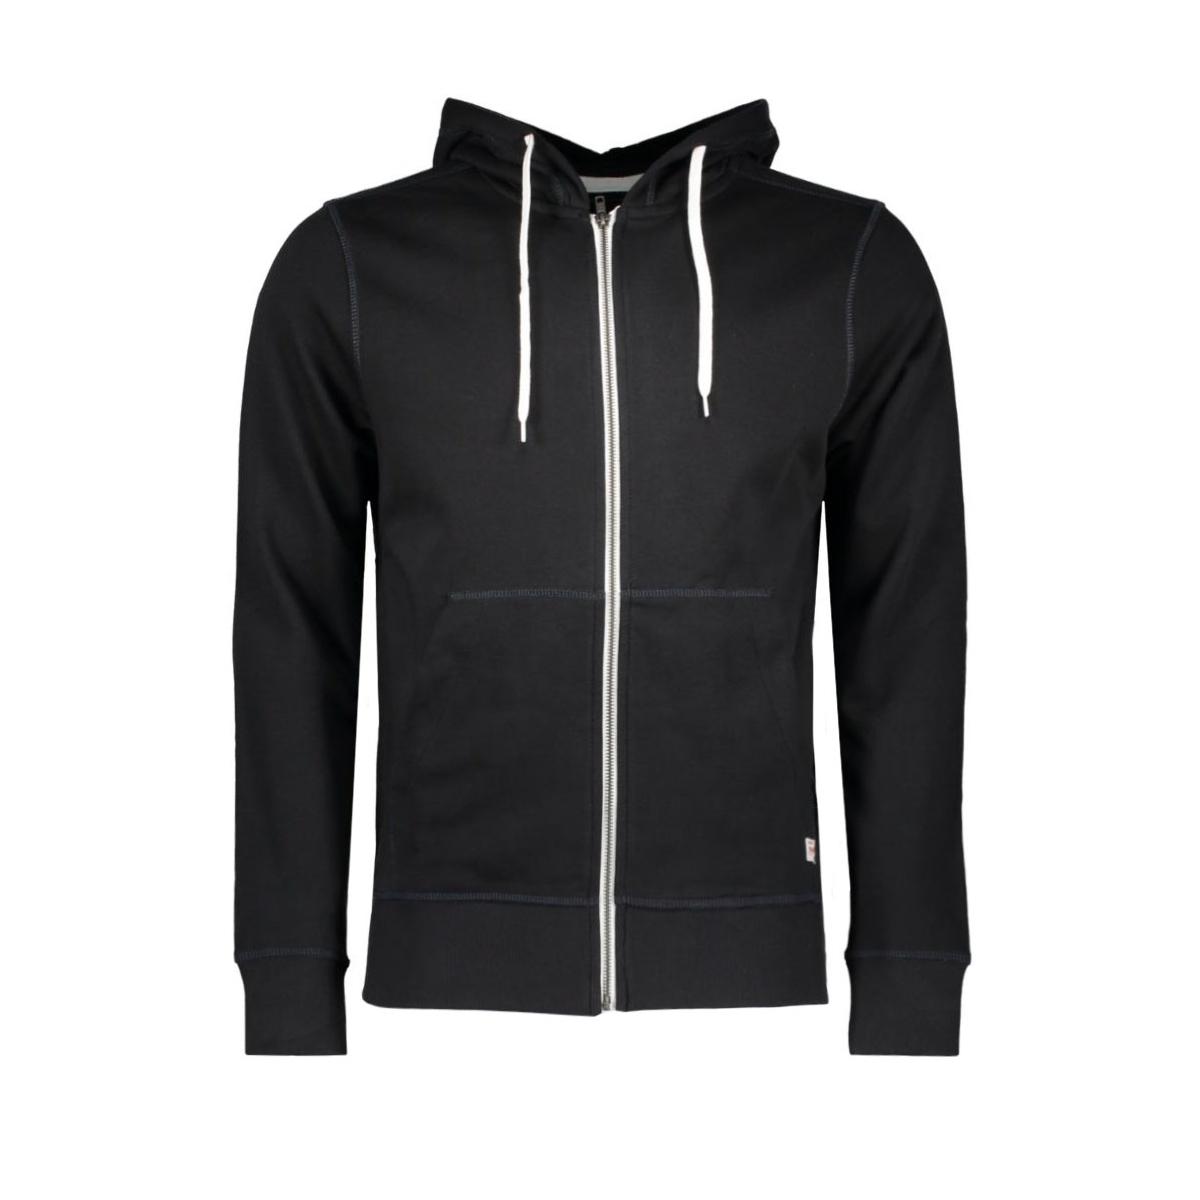 jorstorm sweat zip hood basic noos 12114955 jack & jones vest black